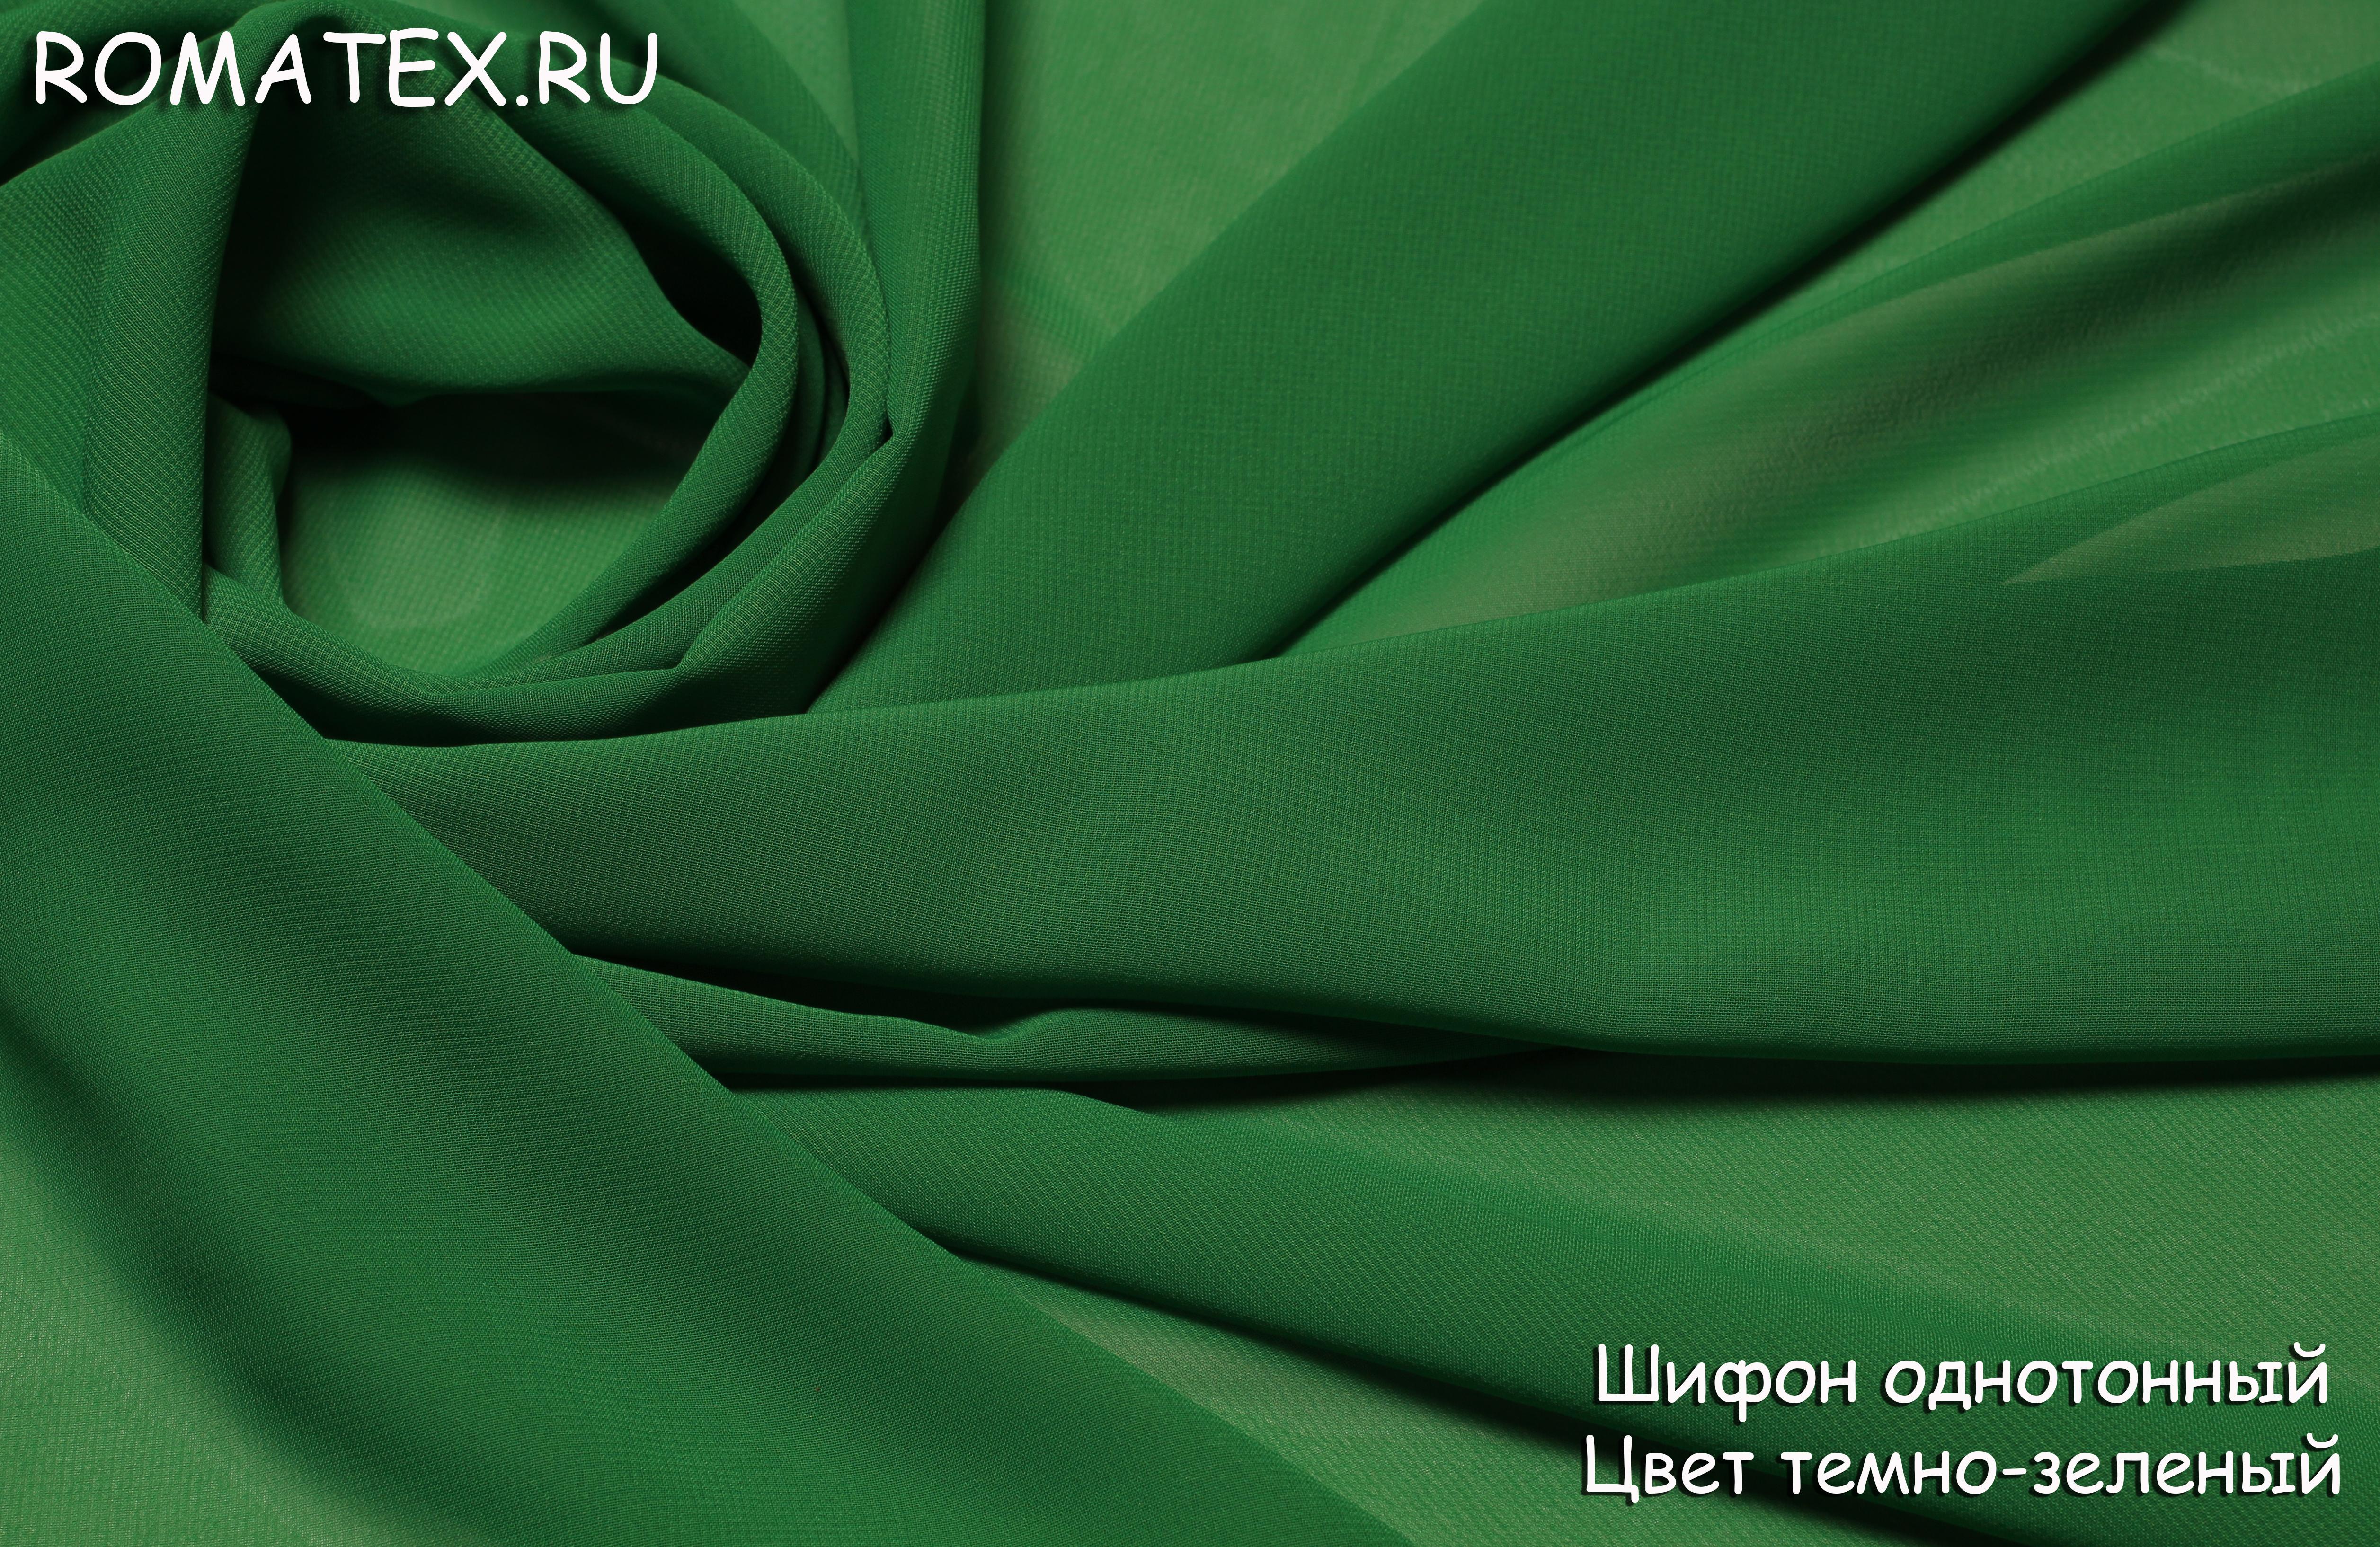 Шифон однотонный, тёмно-зелёный